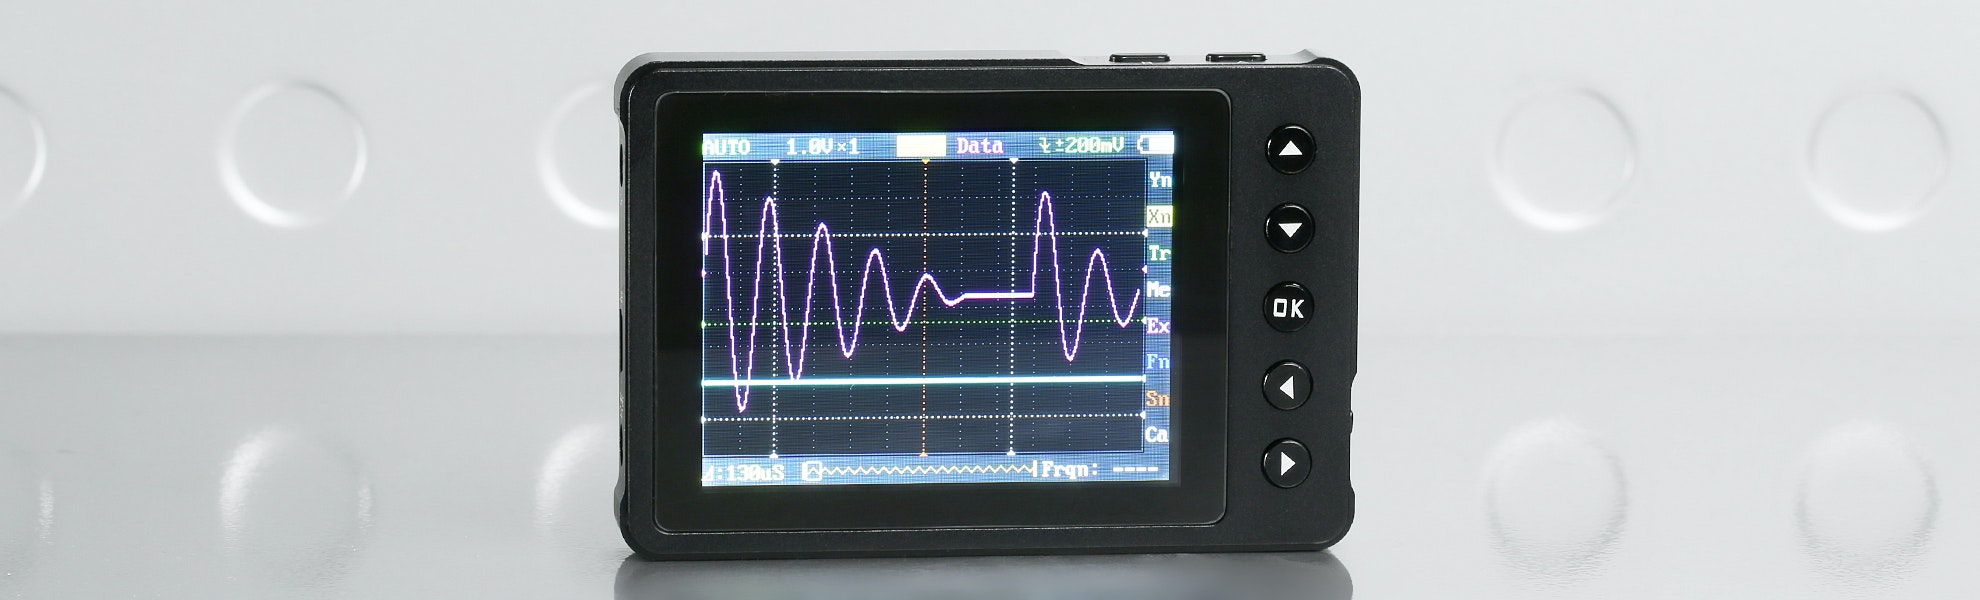 Seeed DSO Nano V3 Oscilloscope